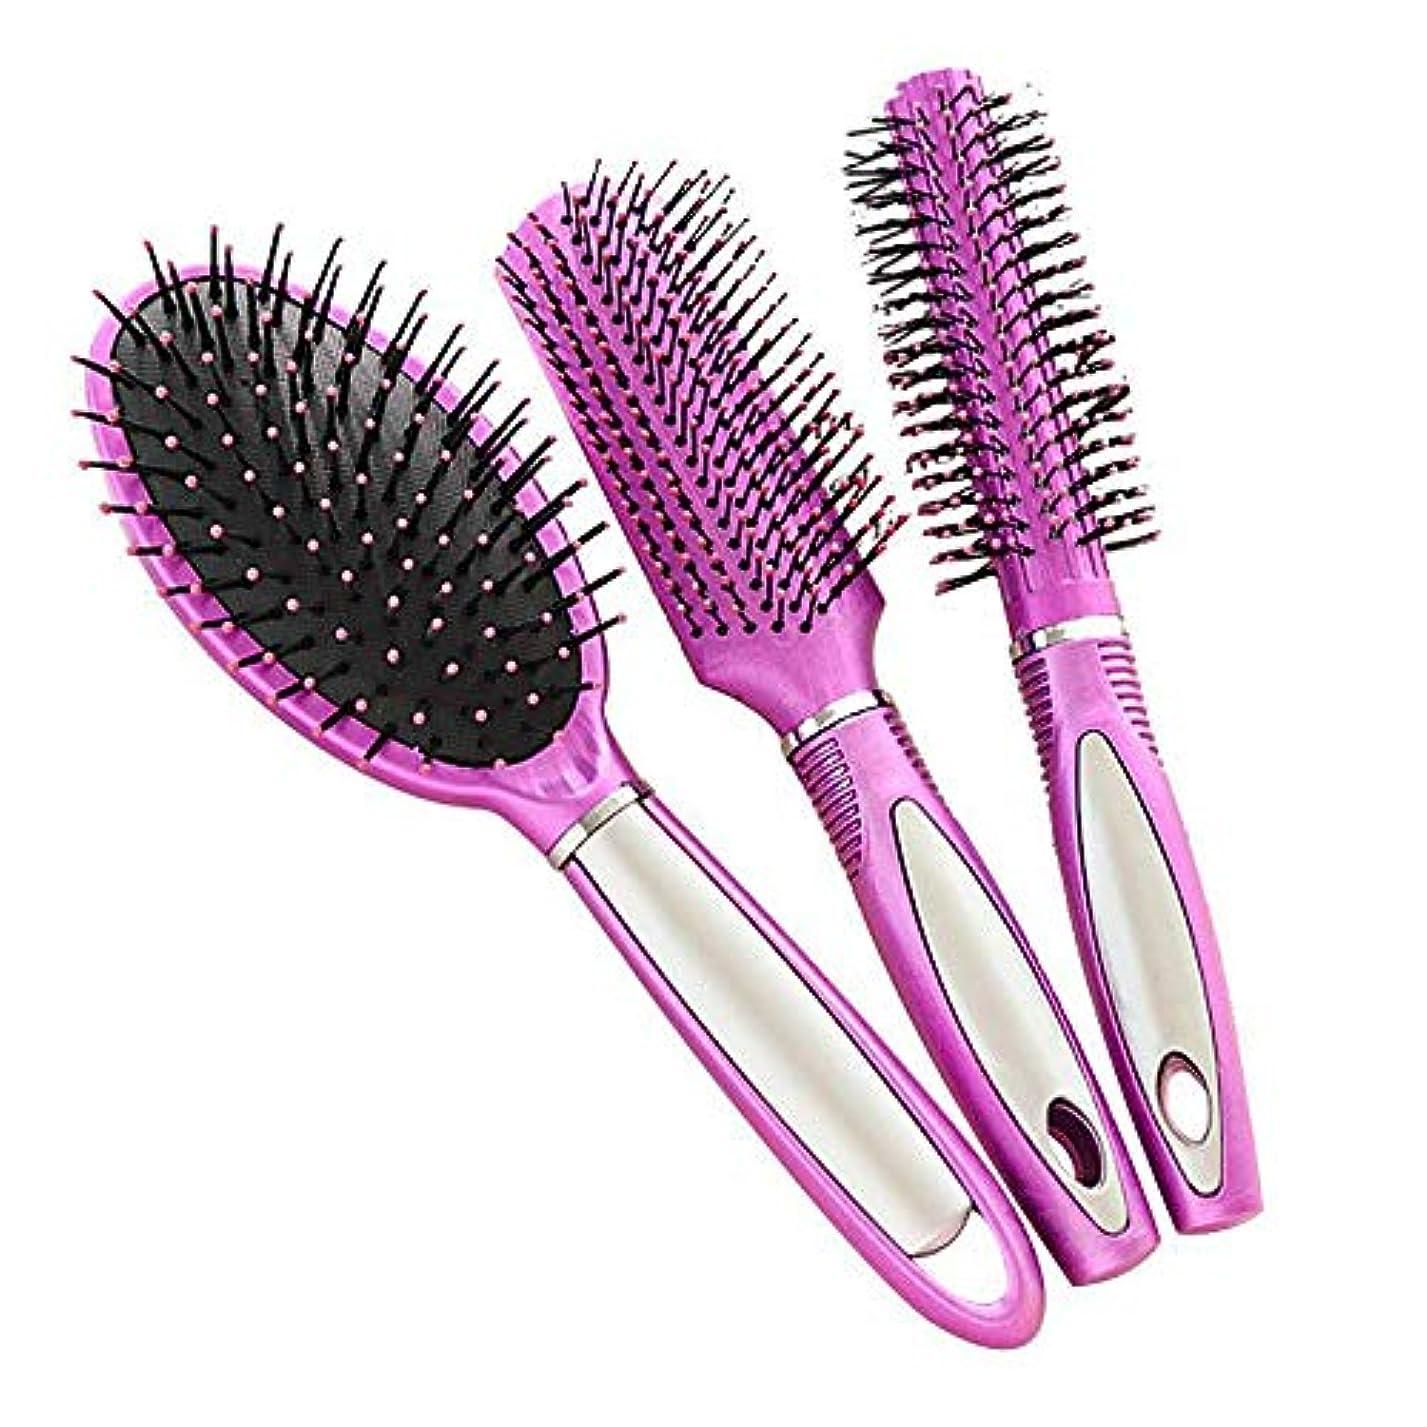 勃起ガラス定期的帯電防止プラスチック製のヘアブラシ、すべての髪の種類のためのヘアマッサージDetangler(3PCS)